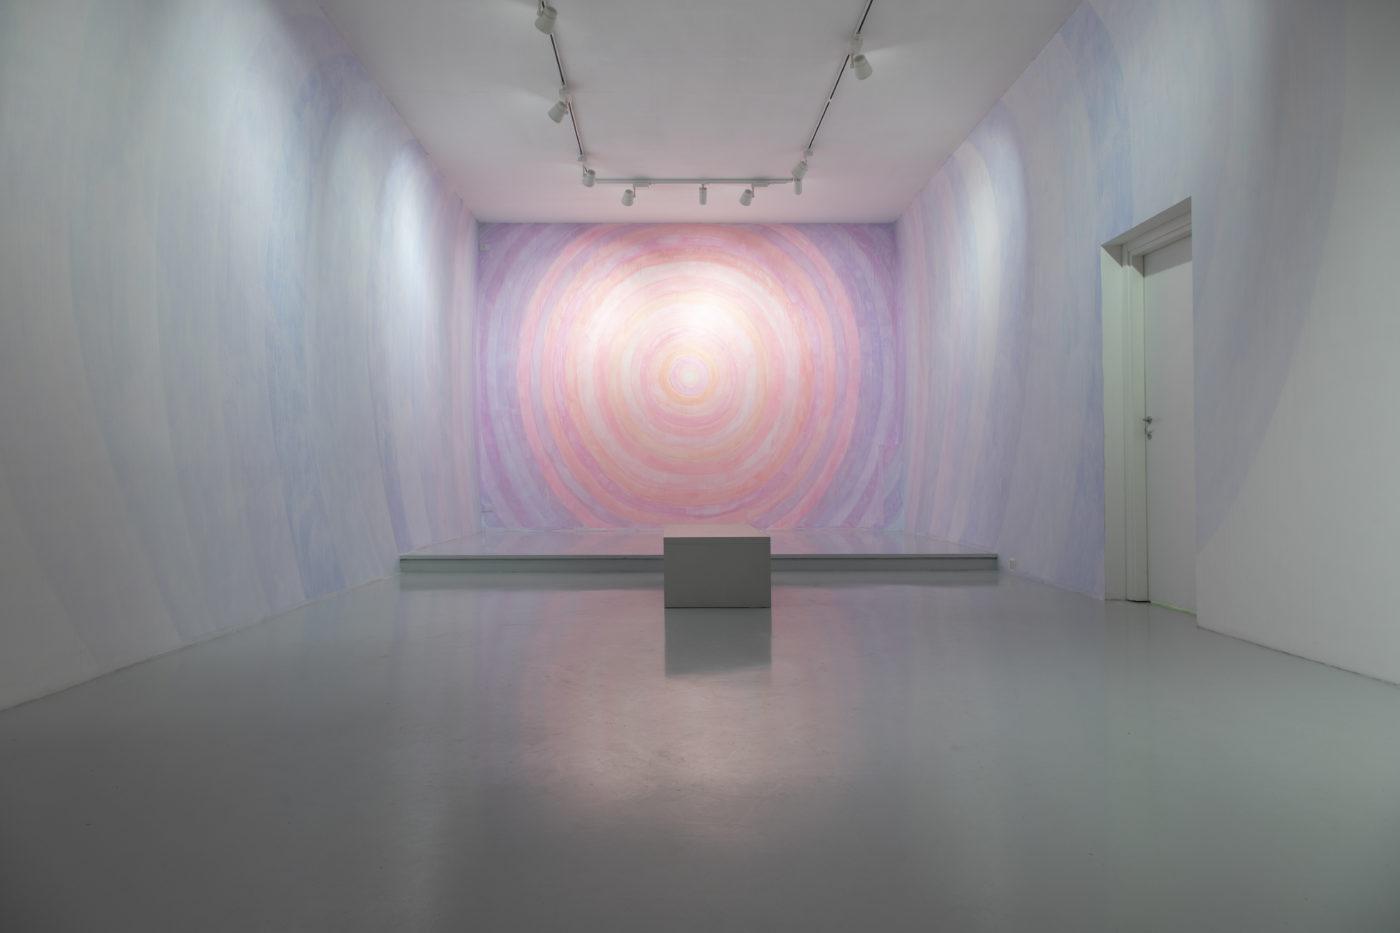 Alberto Di Fabio - Paesaggi di una materia invisibile. Luca Tommasi arte contemporanea, Milano